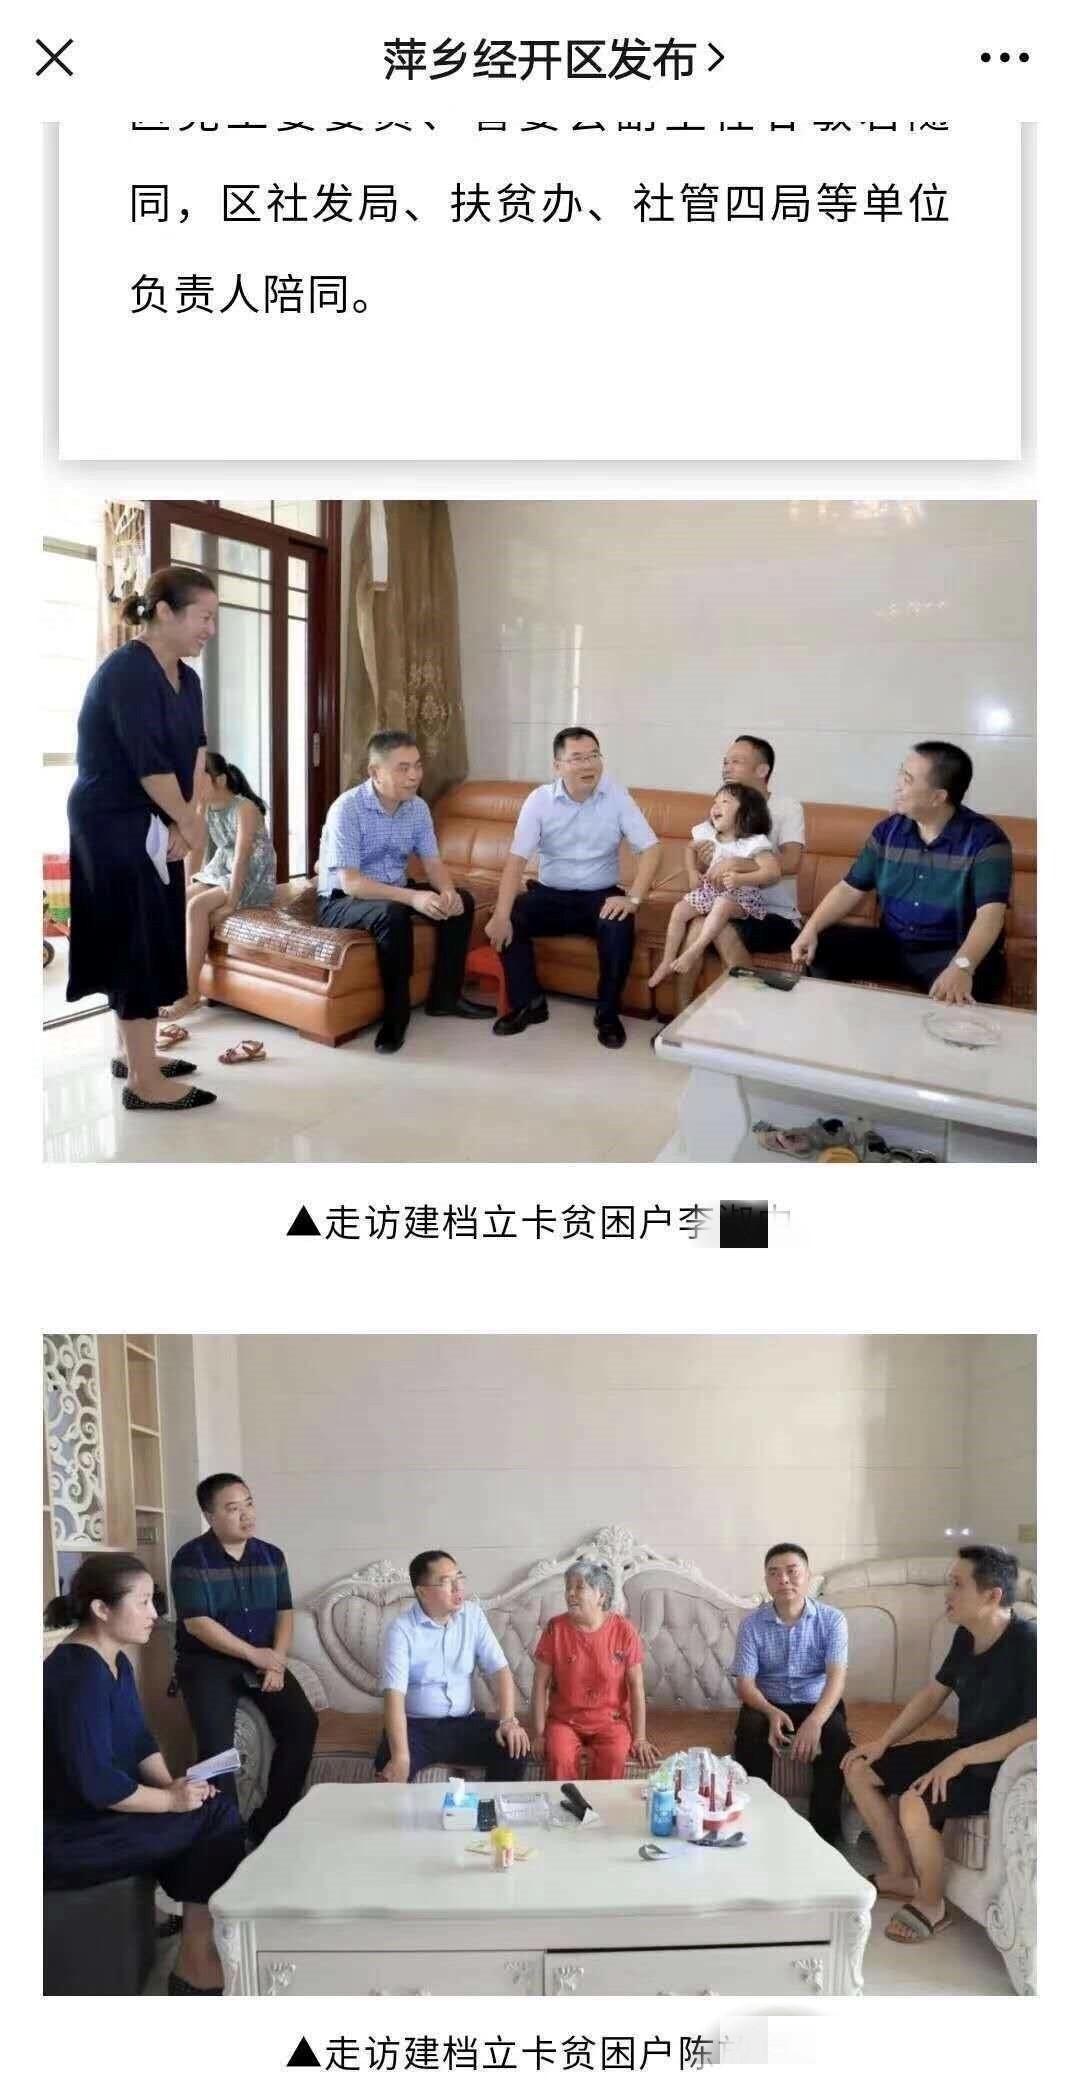 """【曾飞洋】_江西萍乡贫困户住宅现""""豪华家装"""" 官方回应"""